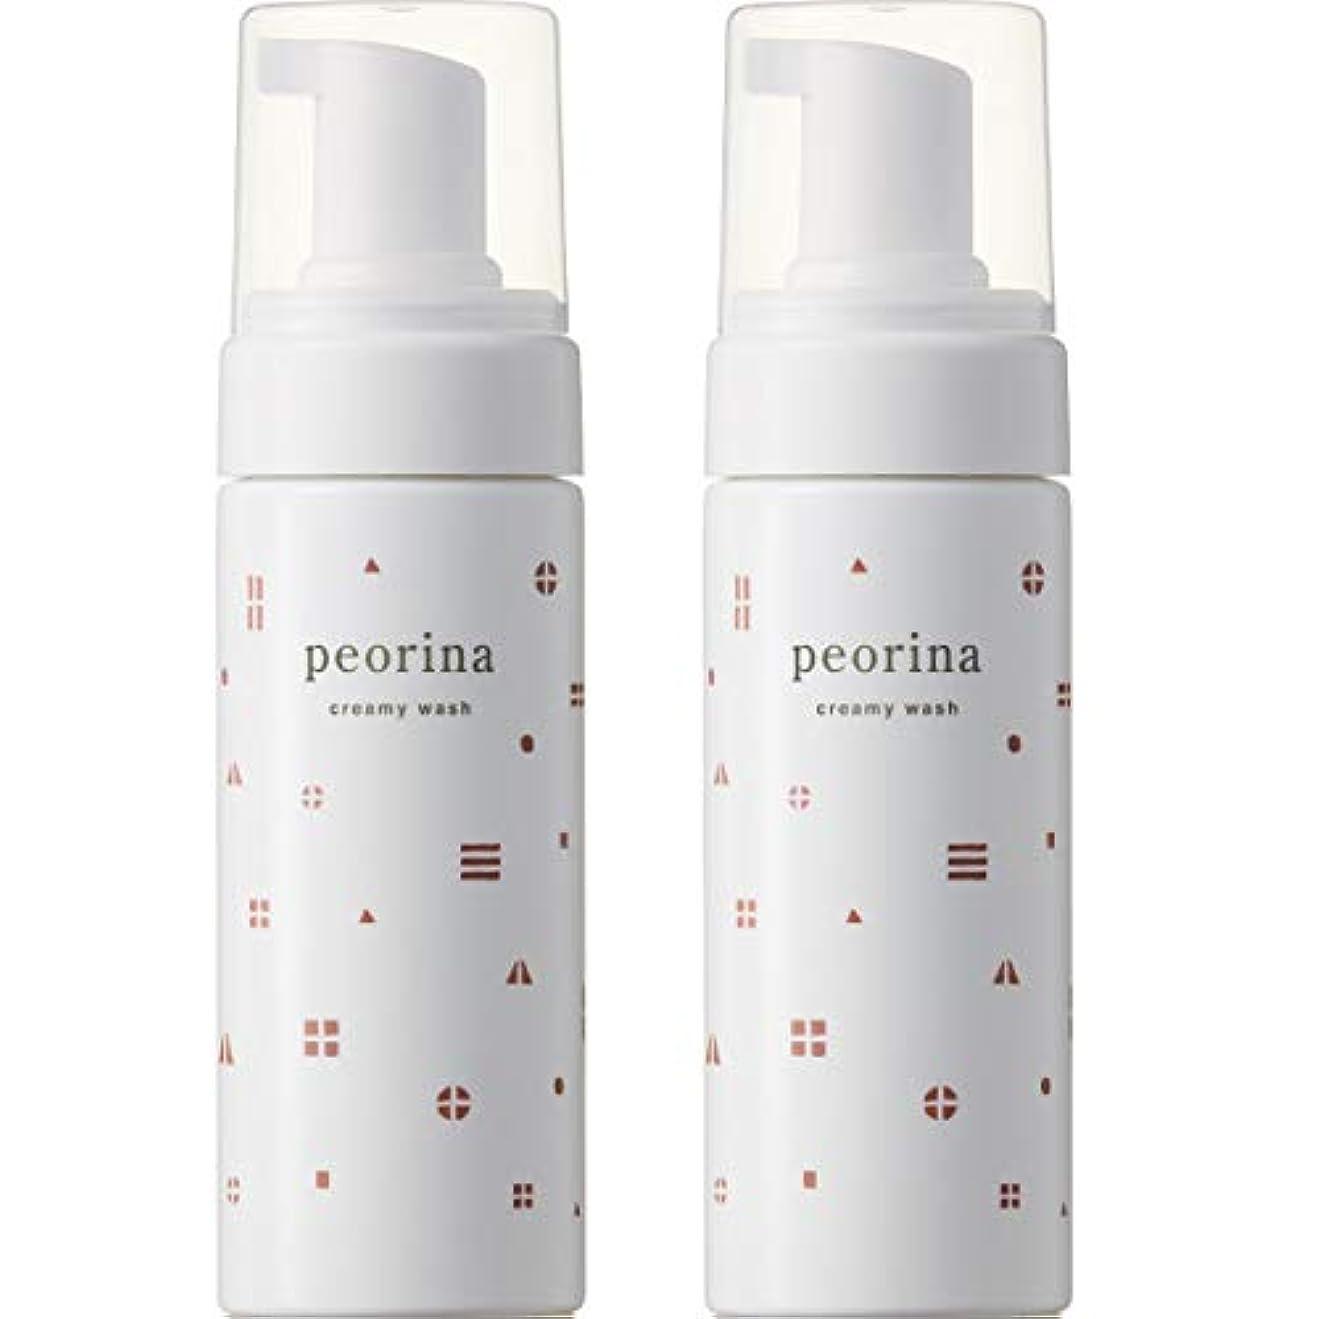 ピオリナ クリーミーウォッシュ 2個セット 泡洗顔料 スキンケア 美肌 高保湿 セラミド 乾燥肌 敏感肌 ニキビ 赤ら顔 ヒト型セラミド